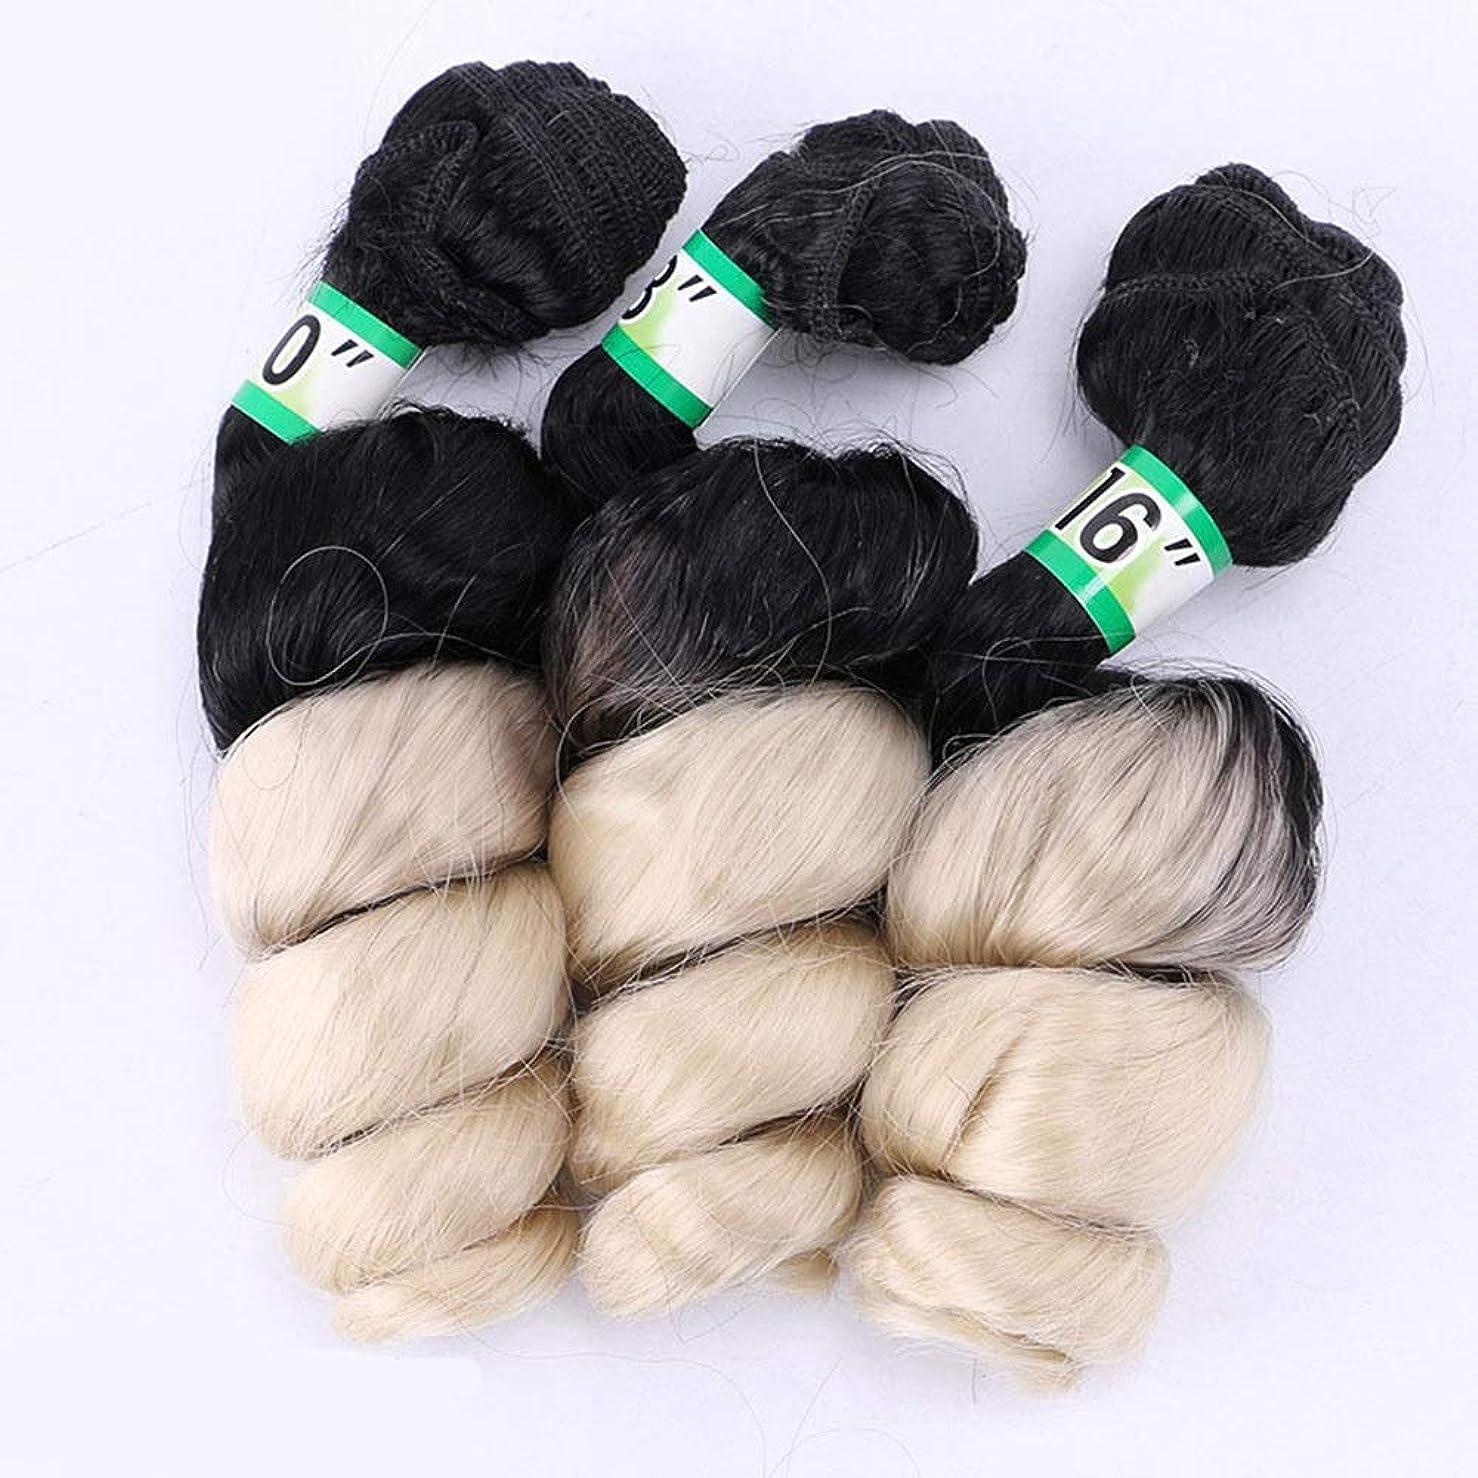 半球円周麻痺させるYrattary ブラジルの髪織りルースウェーブ3バンドルヘアエクステンション - T1 / 613#ブロンドヘアスタイリング(16